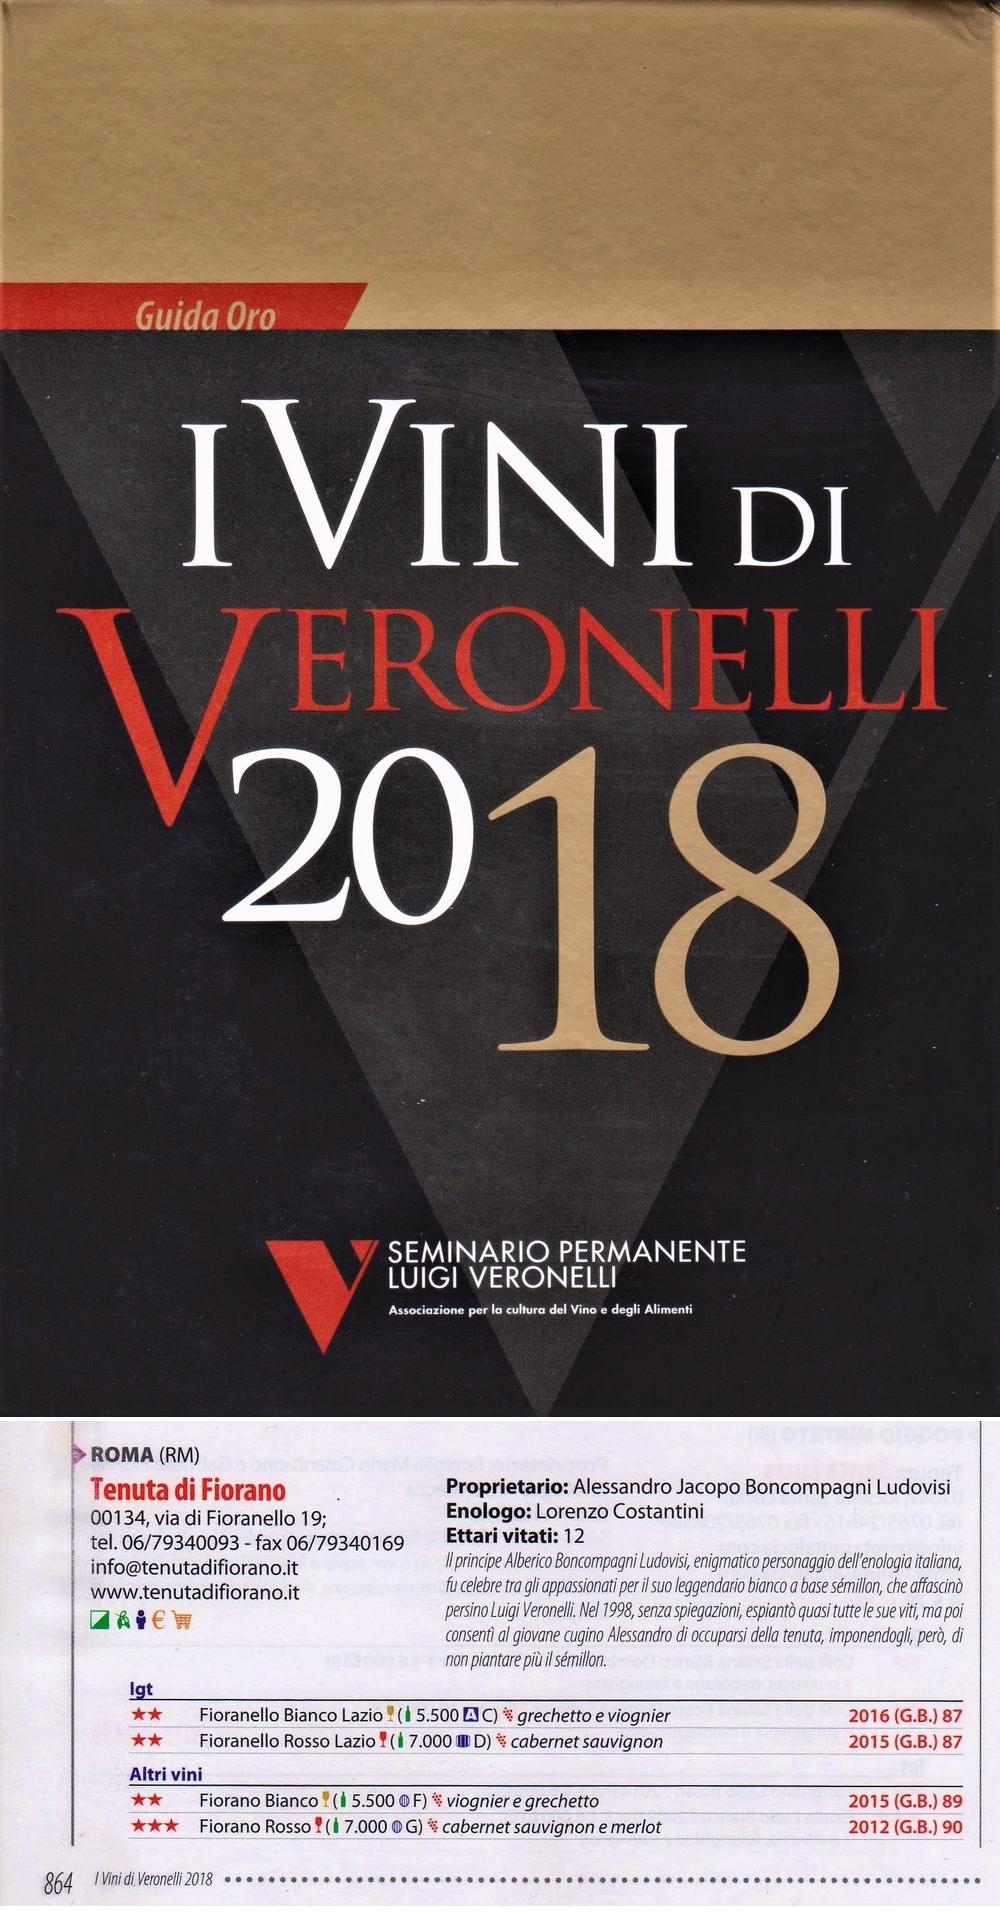 I Vini di Veronelli 2018 - Tenuta di Fiorano